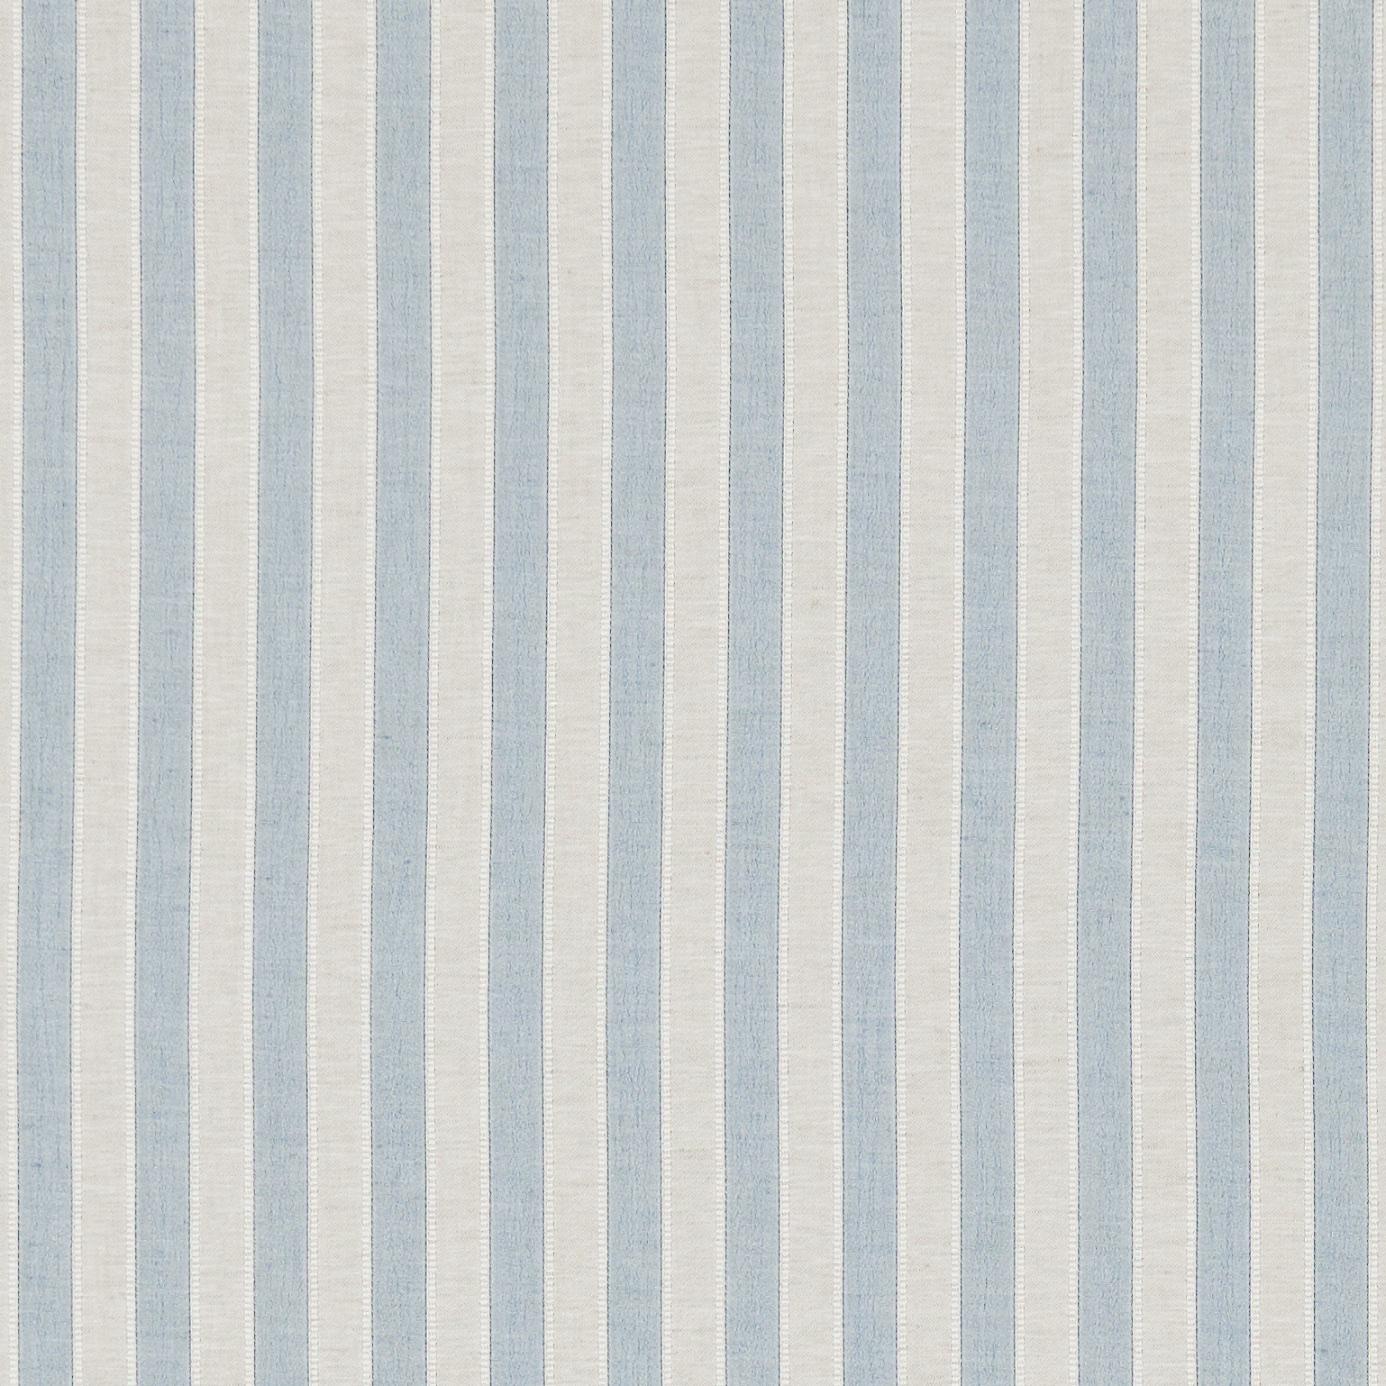 Sanderson Sorilla Damask Curtain Fabric Delft Linen